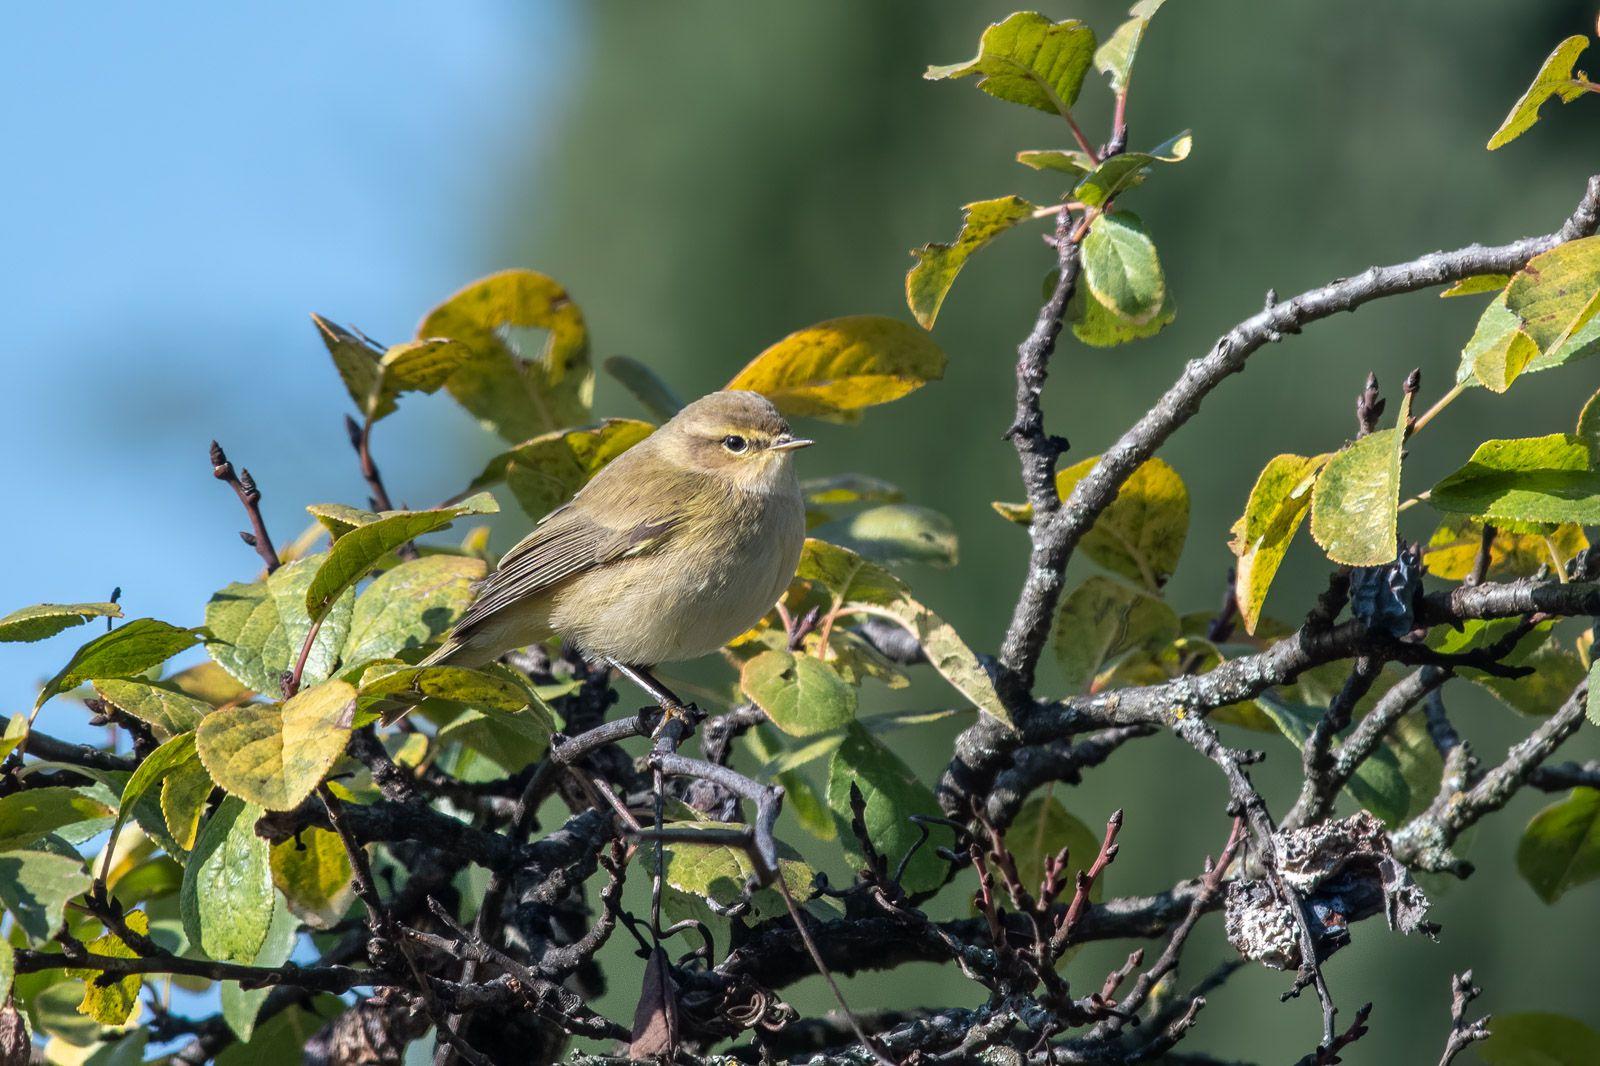 Les oiseaux au jardin cet automne